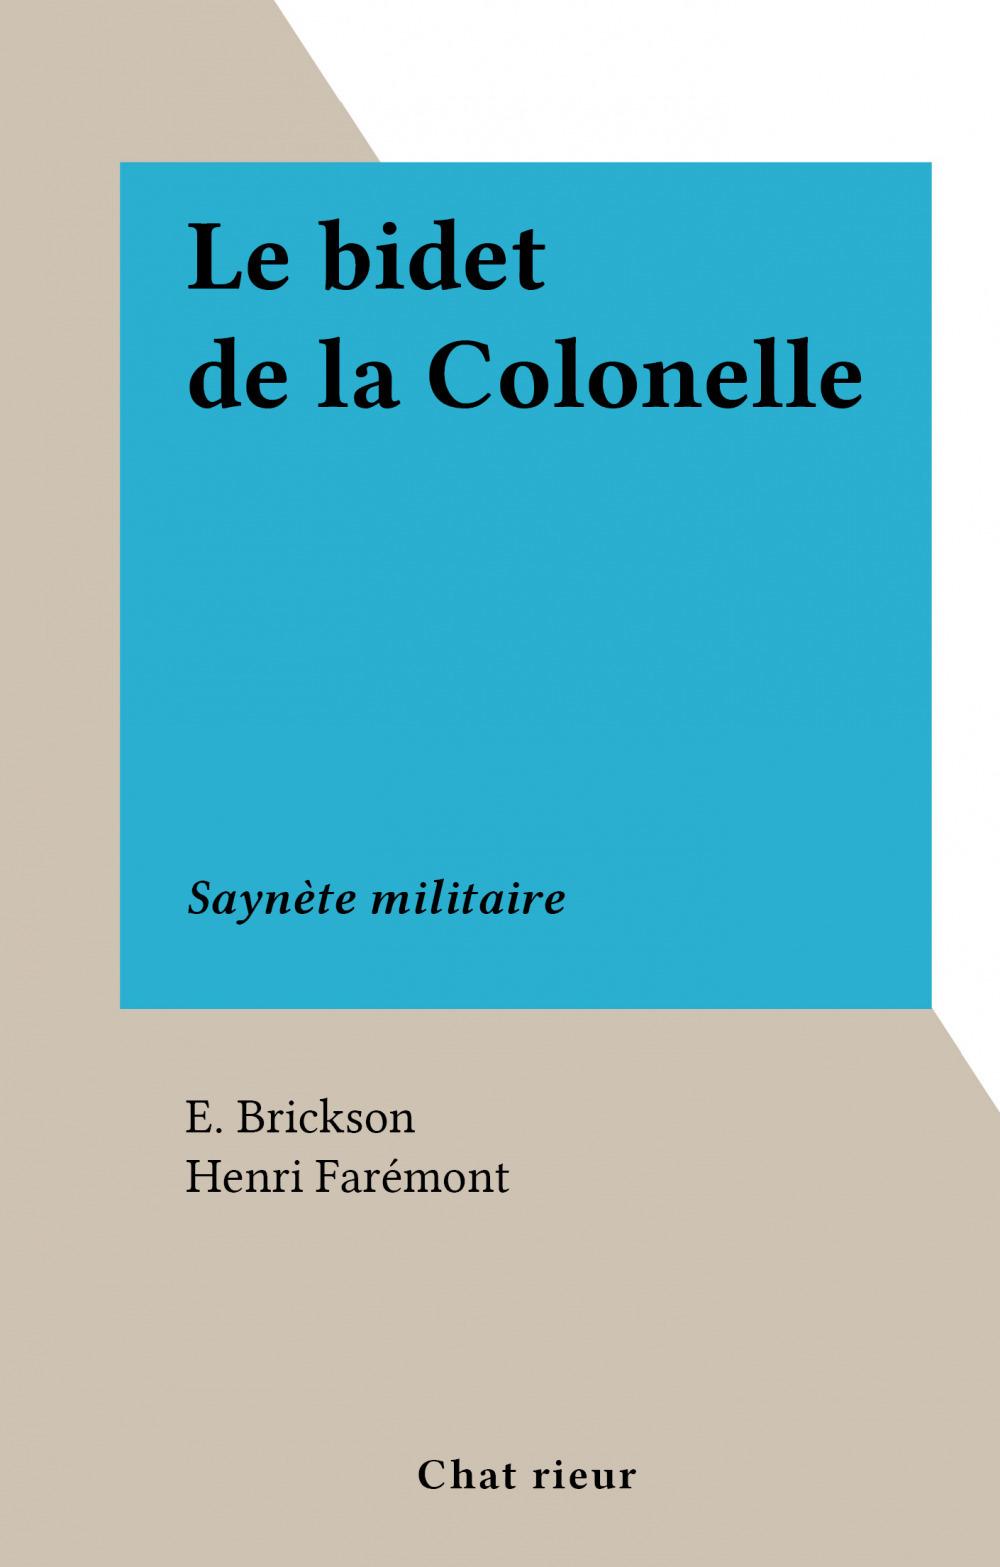 Le bidet de la Colonelle  - Henri Farémont  - E. Brickson